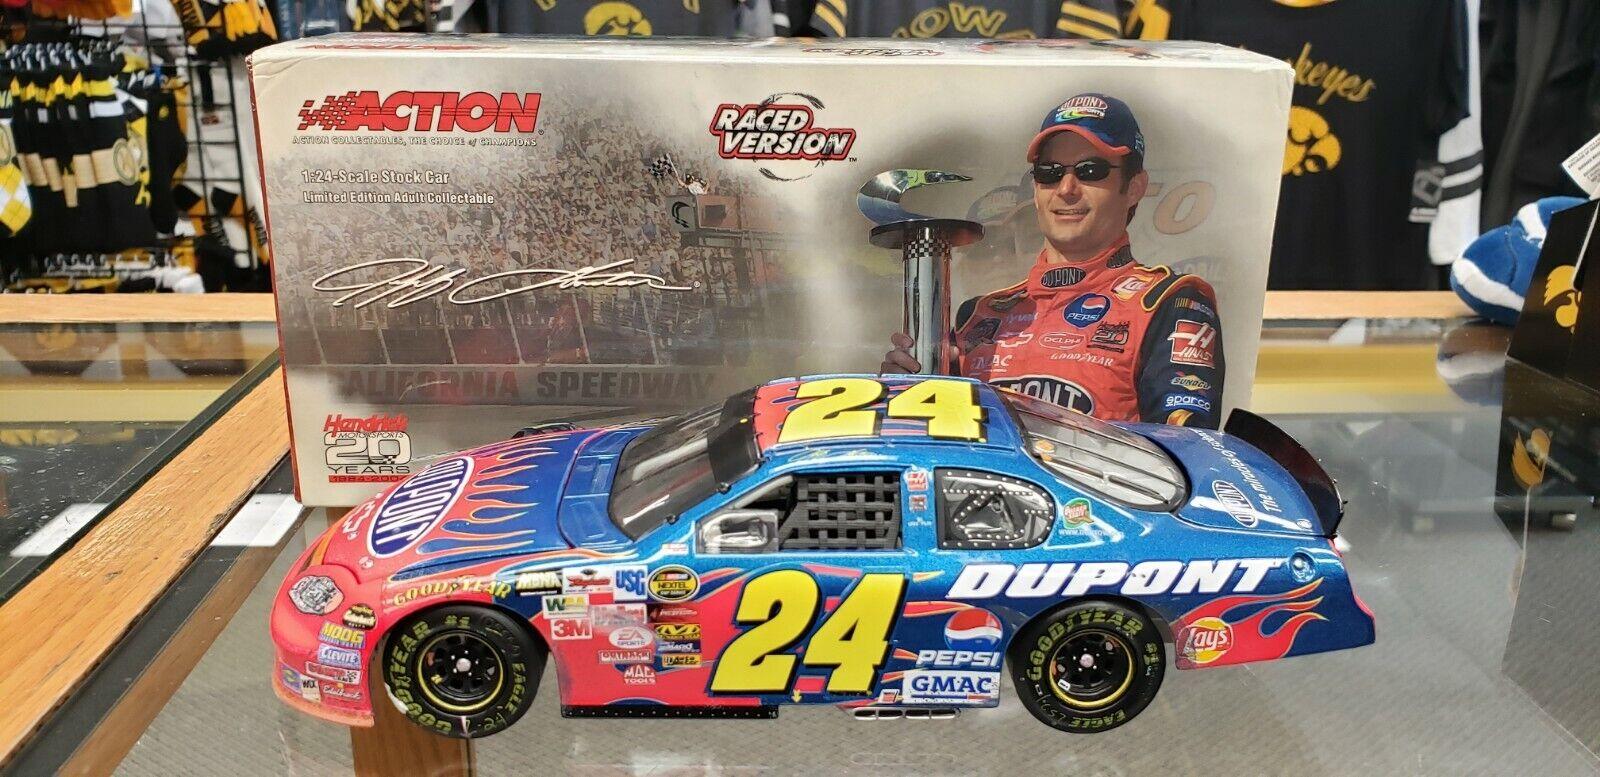 auténtico 2004 Jeff Gordon Gordon Gordon  24 Dupont-California corrió ganar versión 1 24 Diecast  la calidad primero los consumidores primero